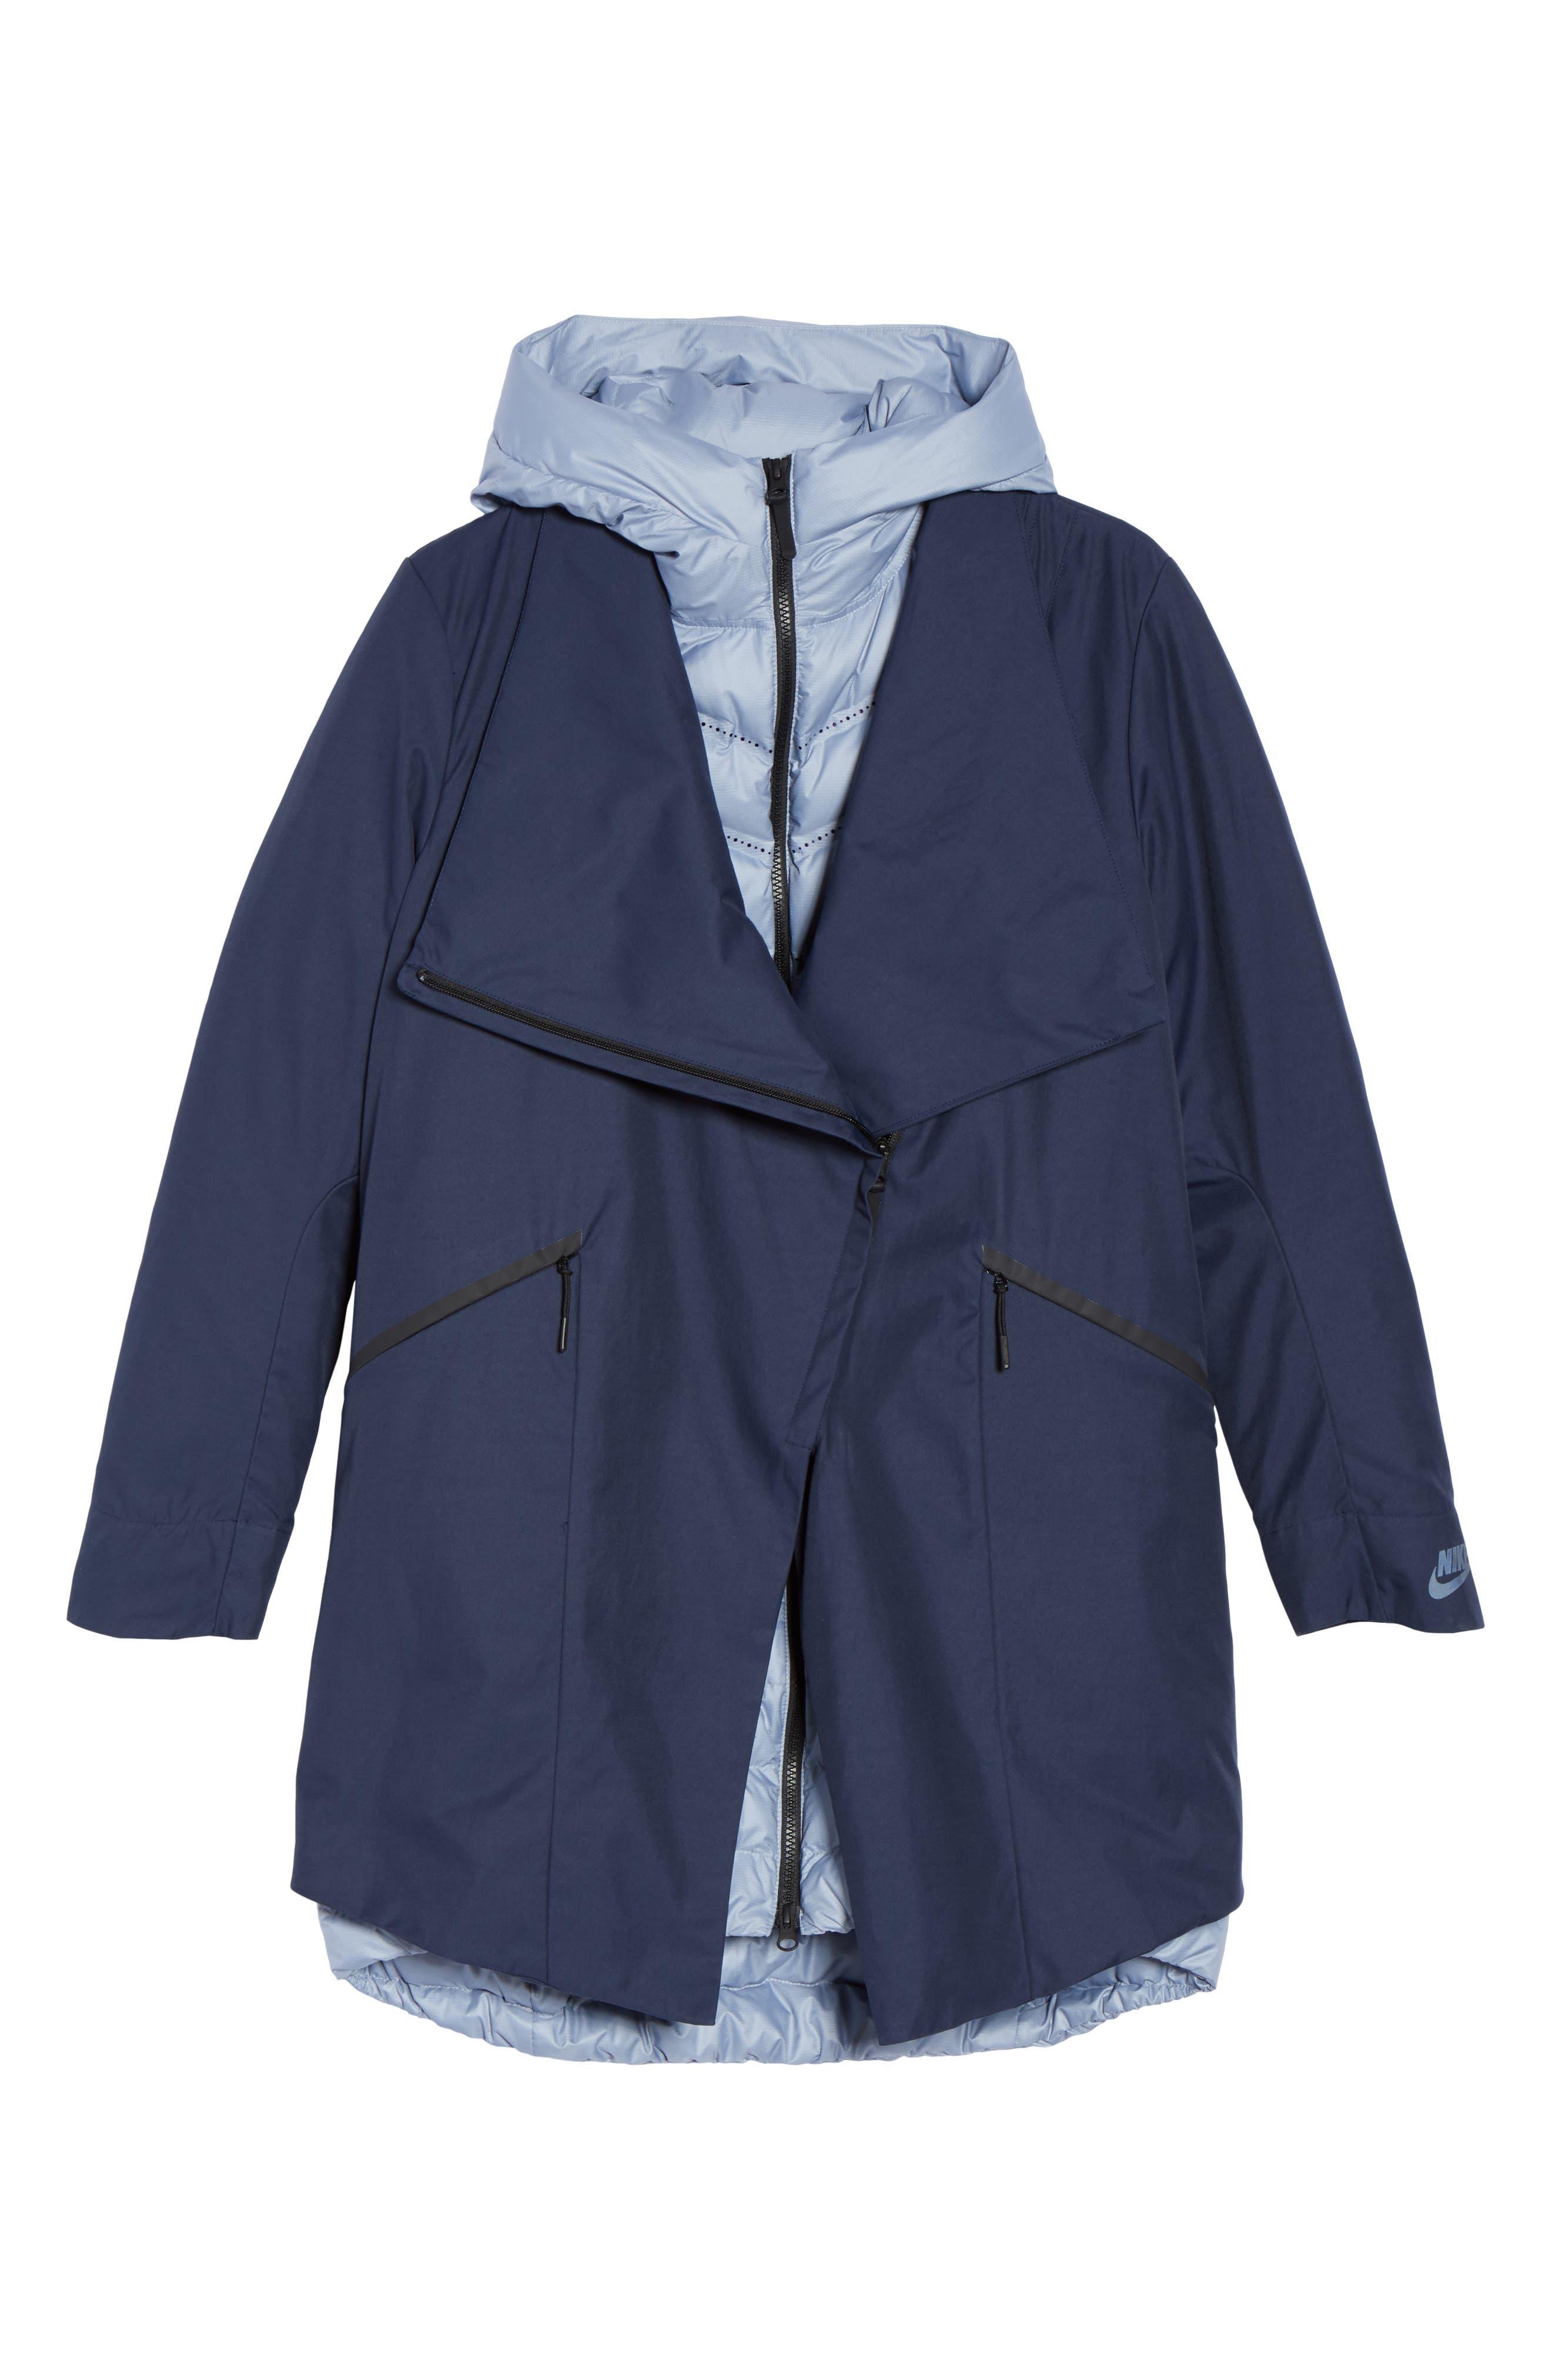 Sportswear Women's AeroLoft 3-in-1 Down Fill Parka,                             Alternate thumbnail 9, color,                             Obsidian/ Glacier Grey/ Black